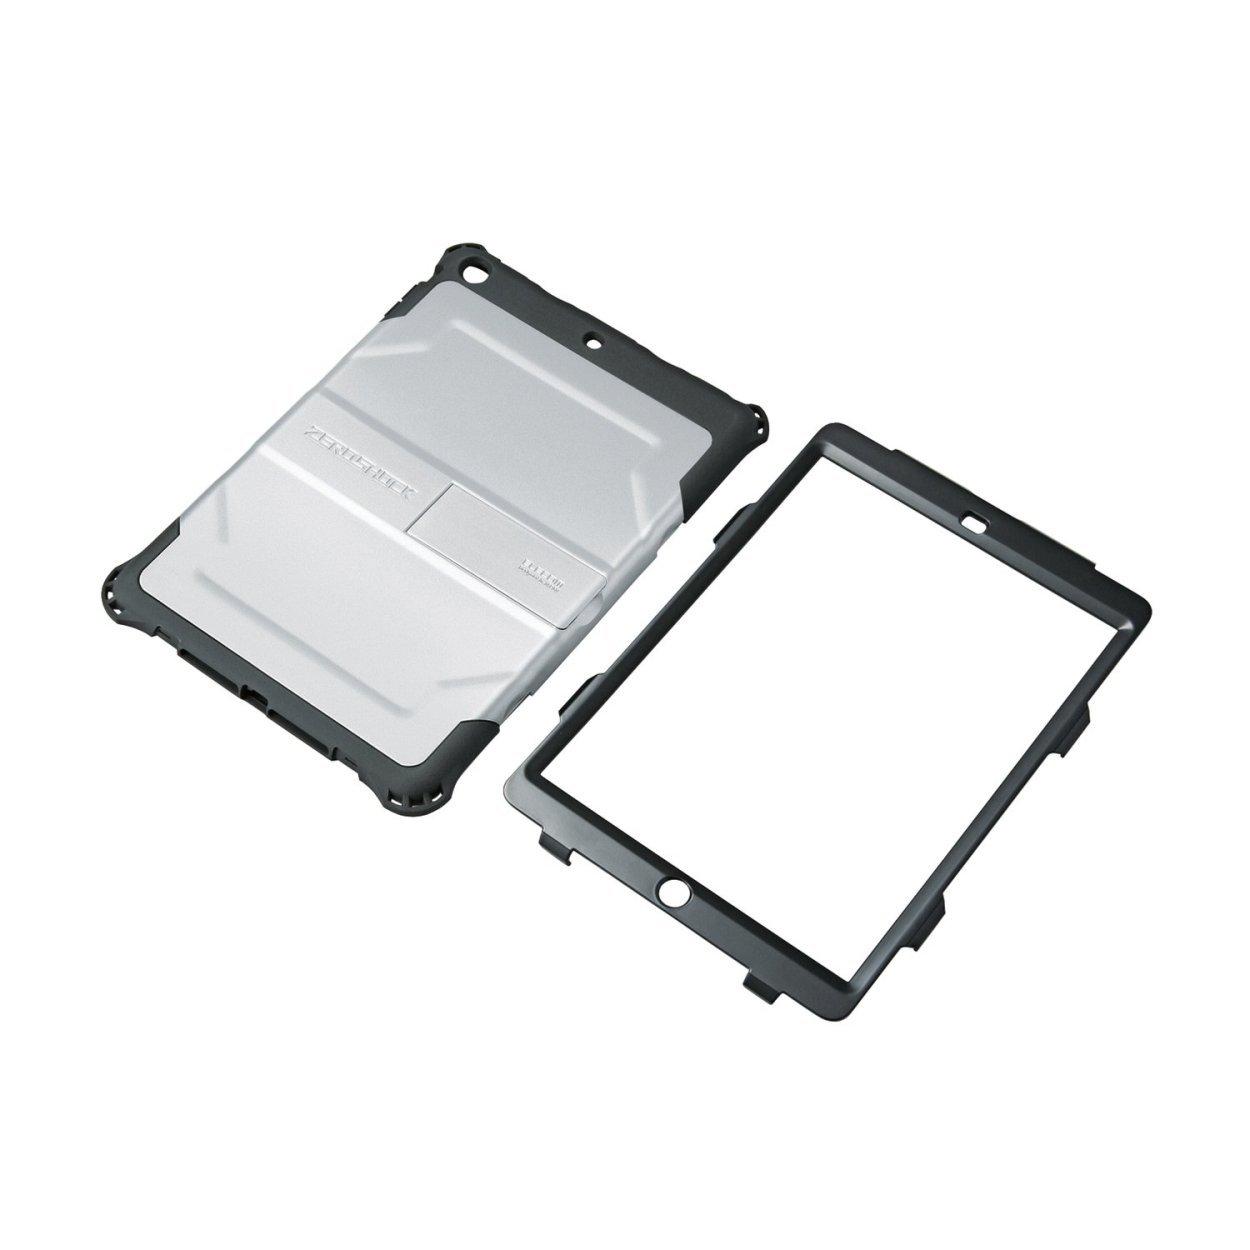 【当店限定販売】 【2014年モデル】ELECOM B00J57KXWE iPad Air TB-A13HVSV 耐衝撃ハイブリッドケース シルバー iPad TB-A13HVSV B00J57KXWE, ペットビジョン:b84fac73 --- a0267596.xsph.ru